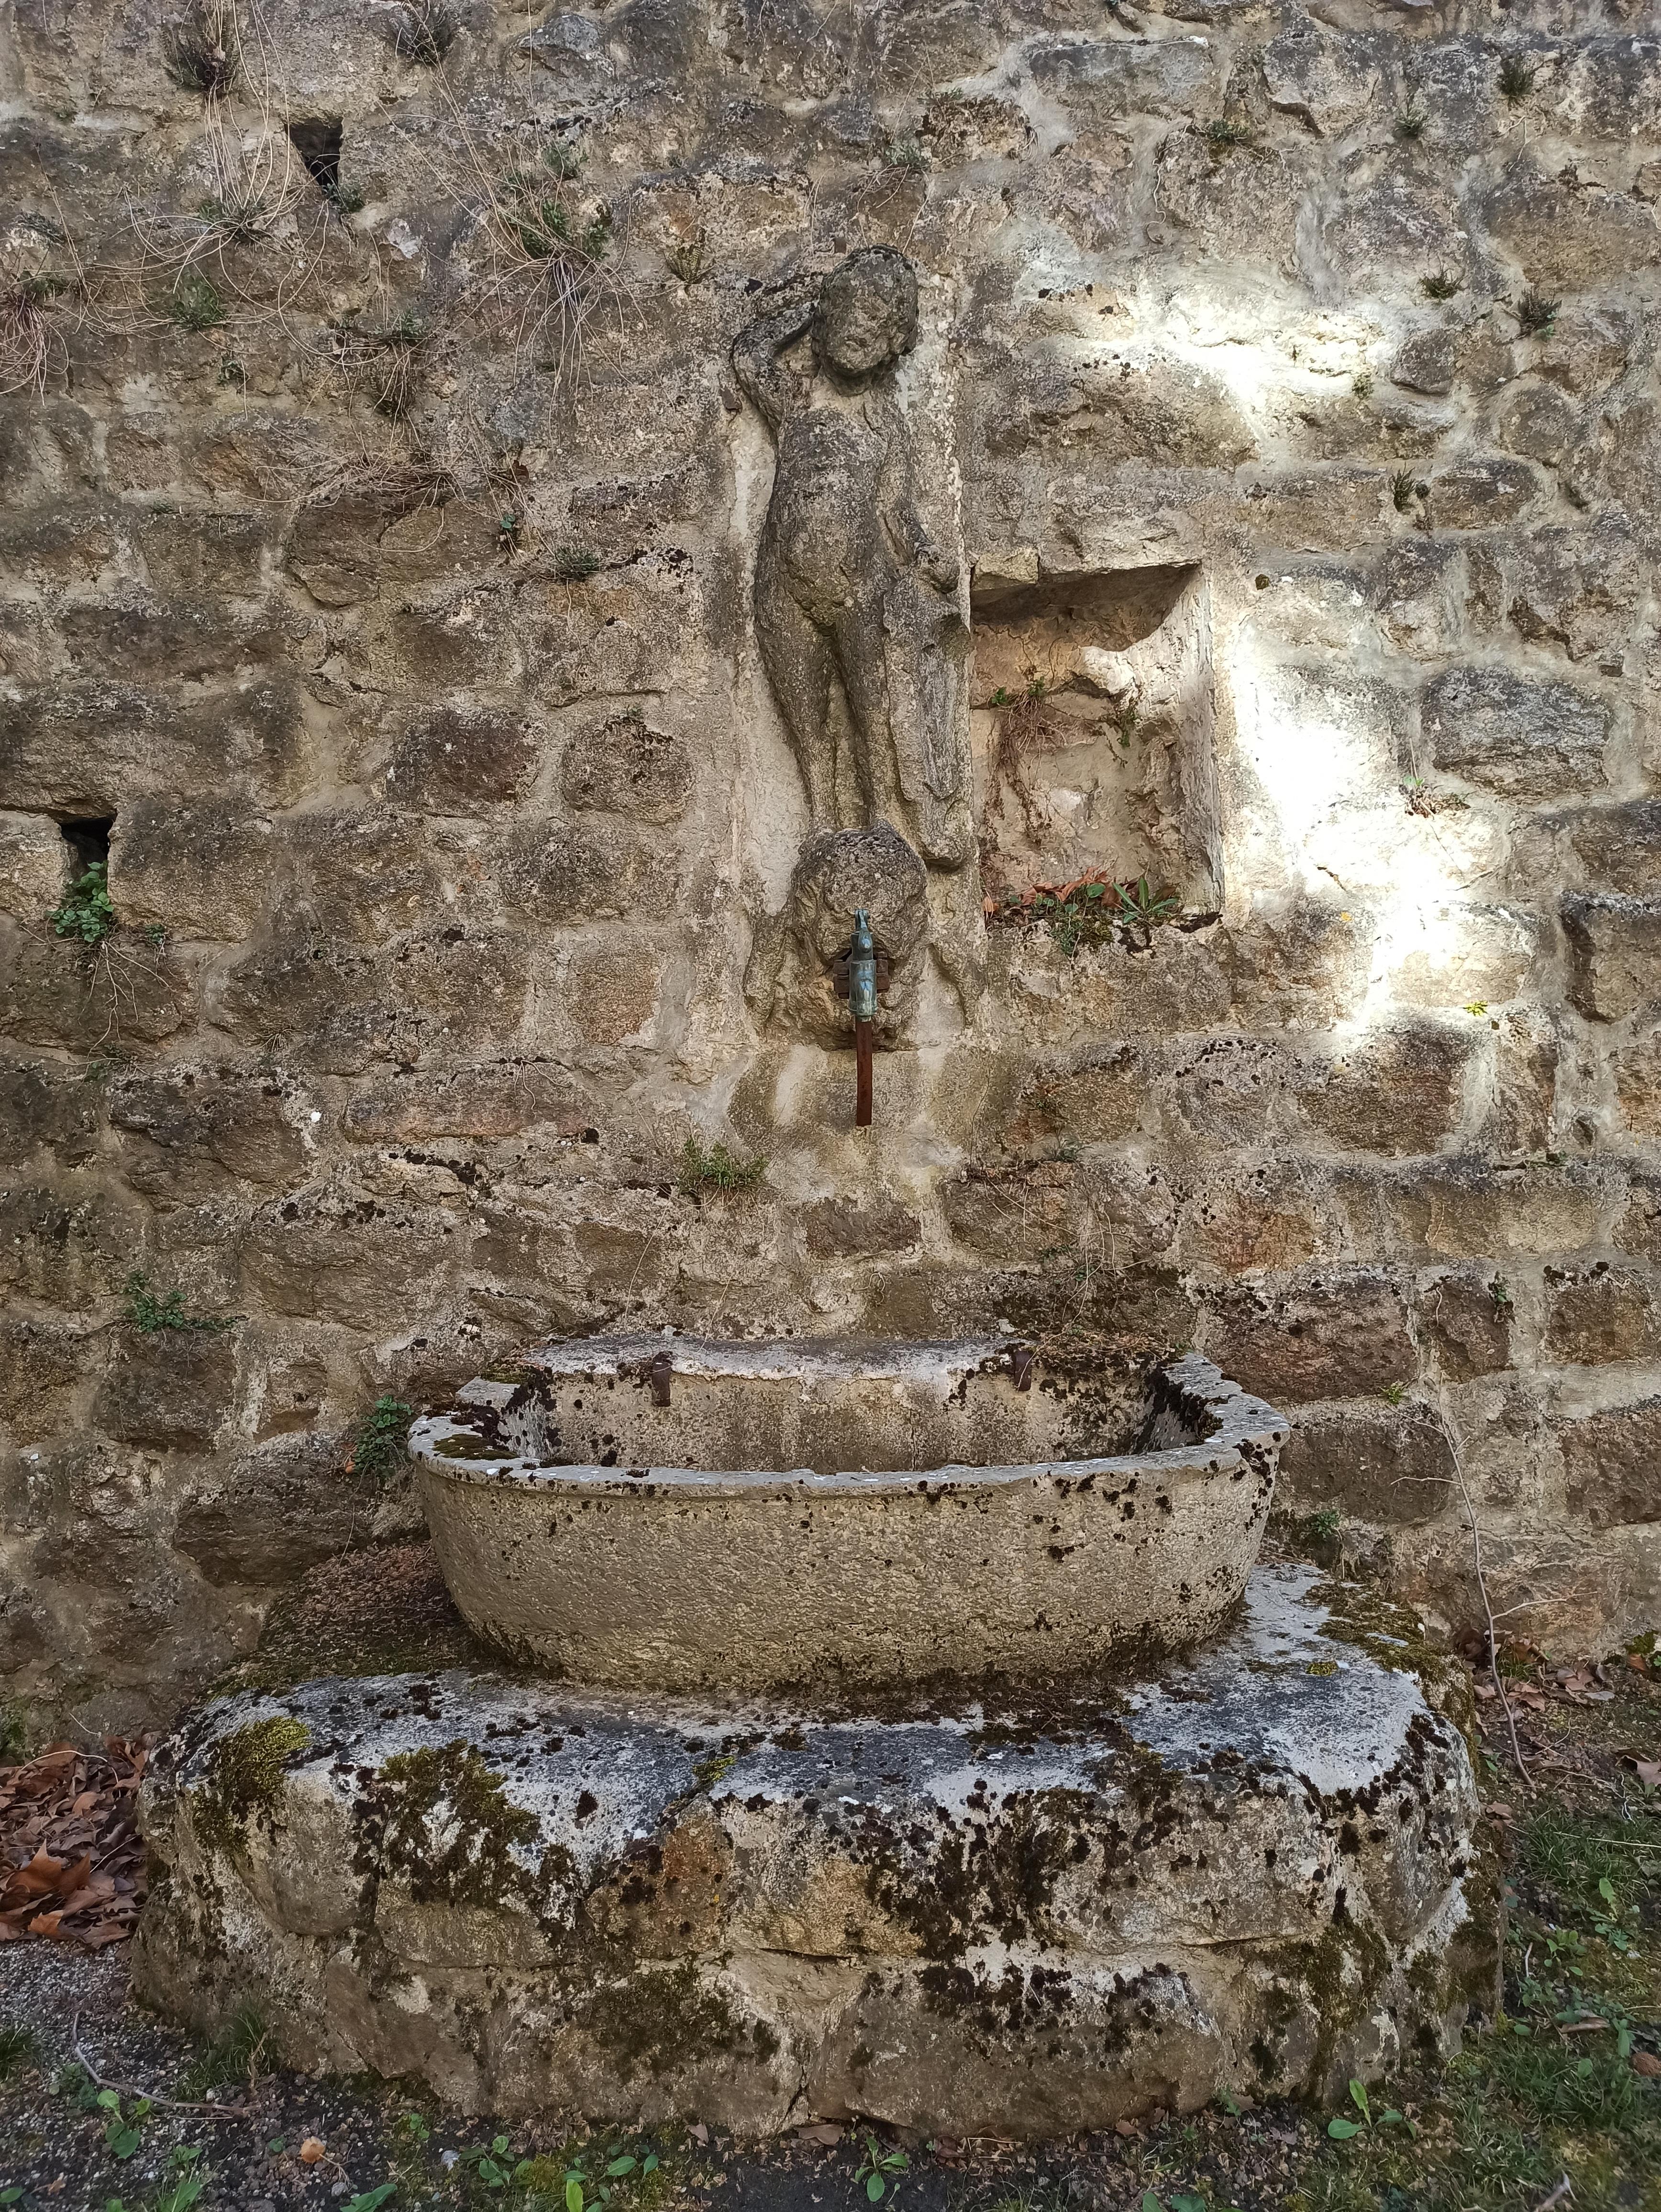 Fontaine de la renaissance (Satillieu,Ardèche), Historic si